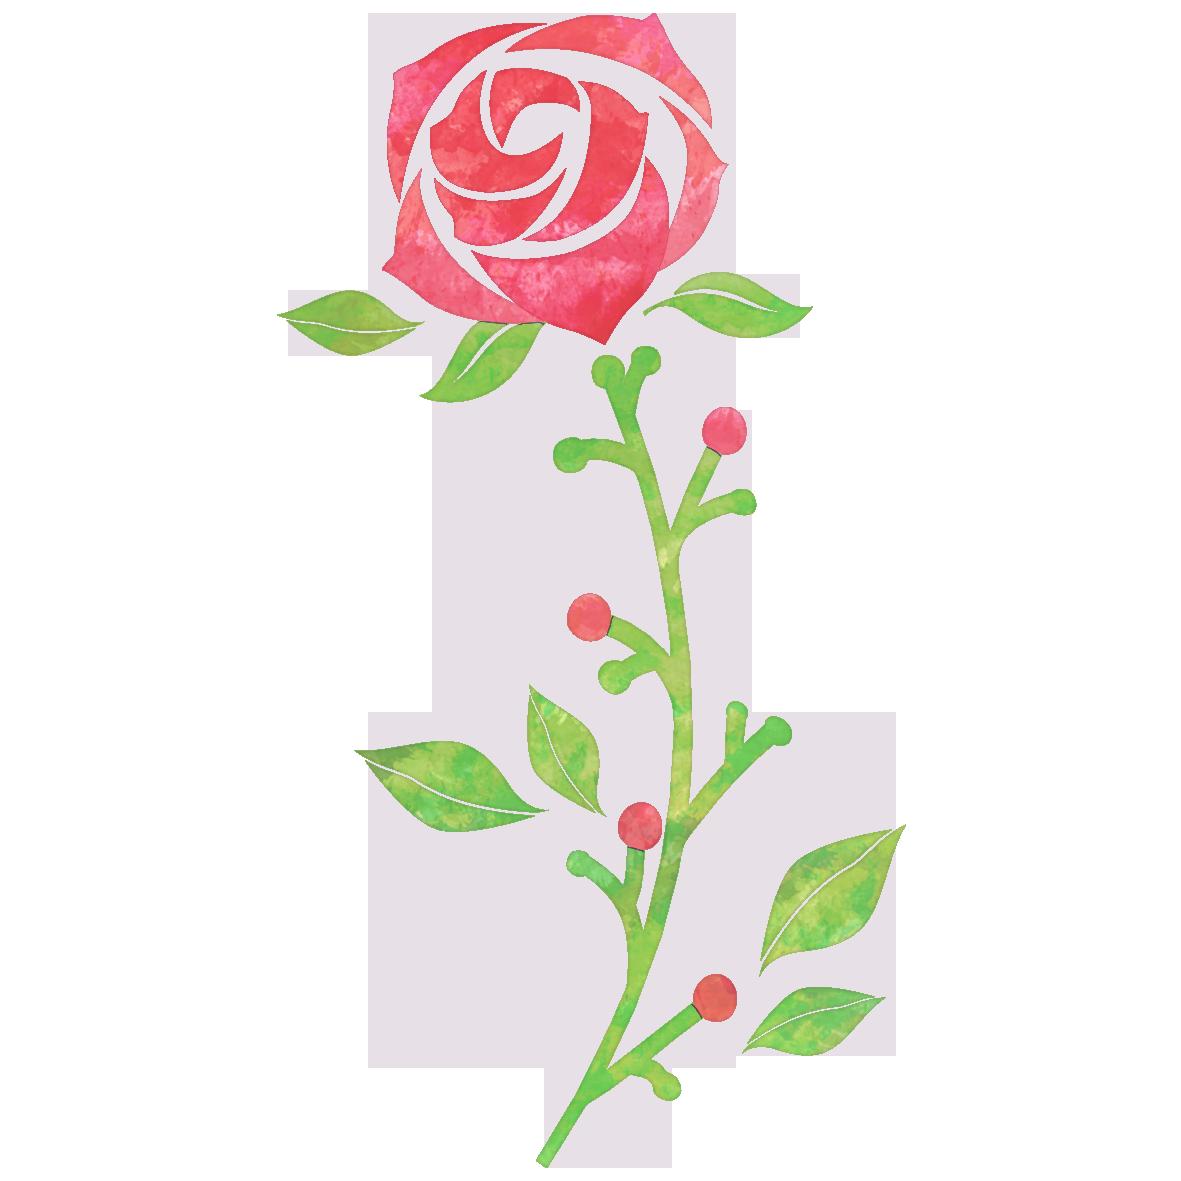 一輪のバラの花」 - 無料イラスト愛